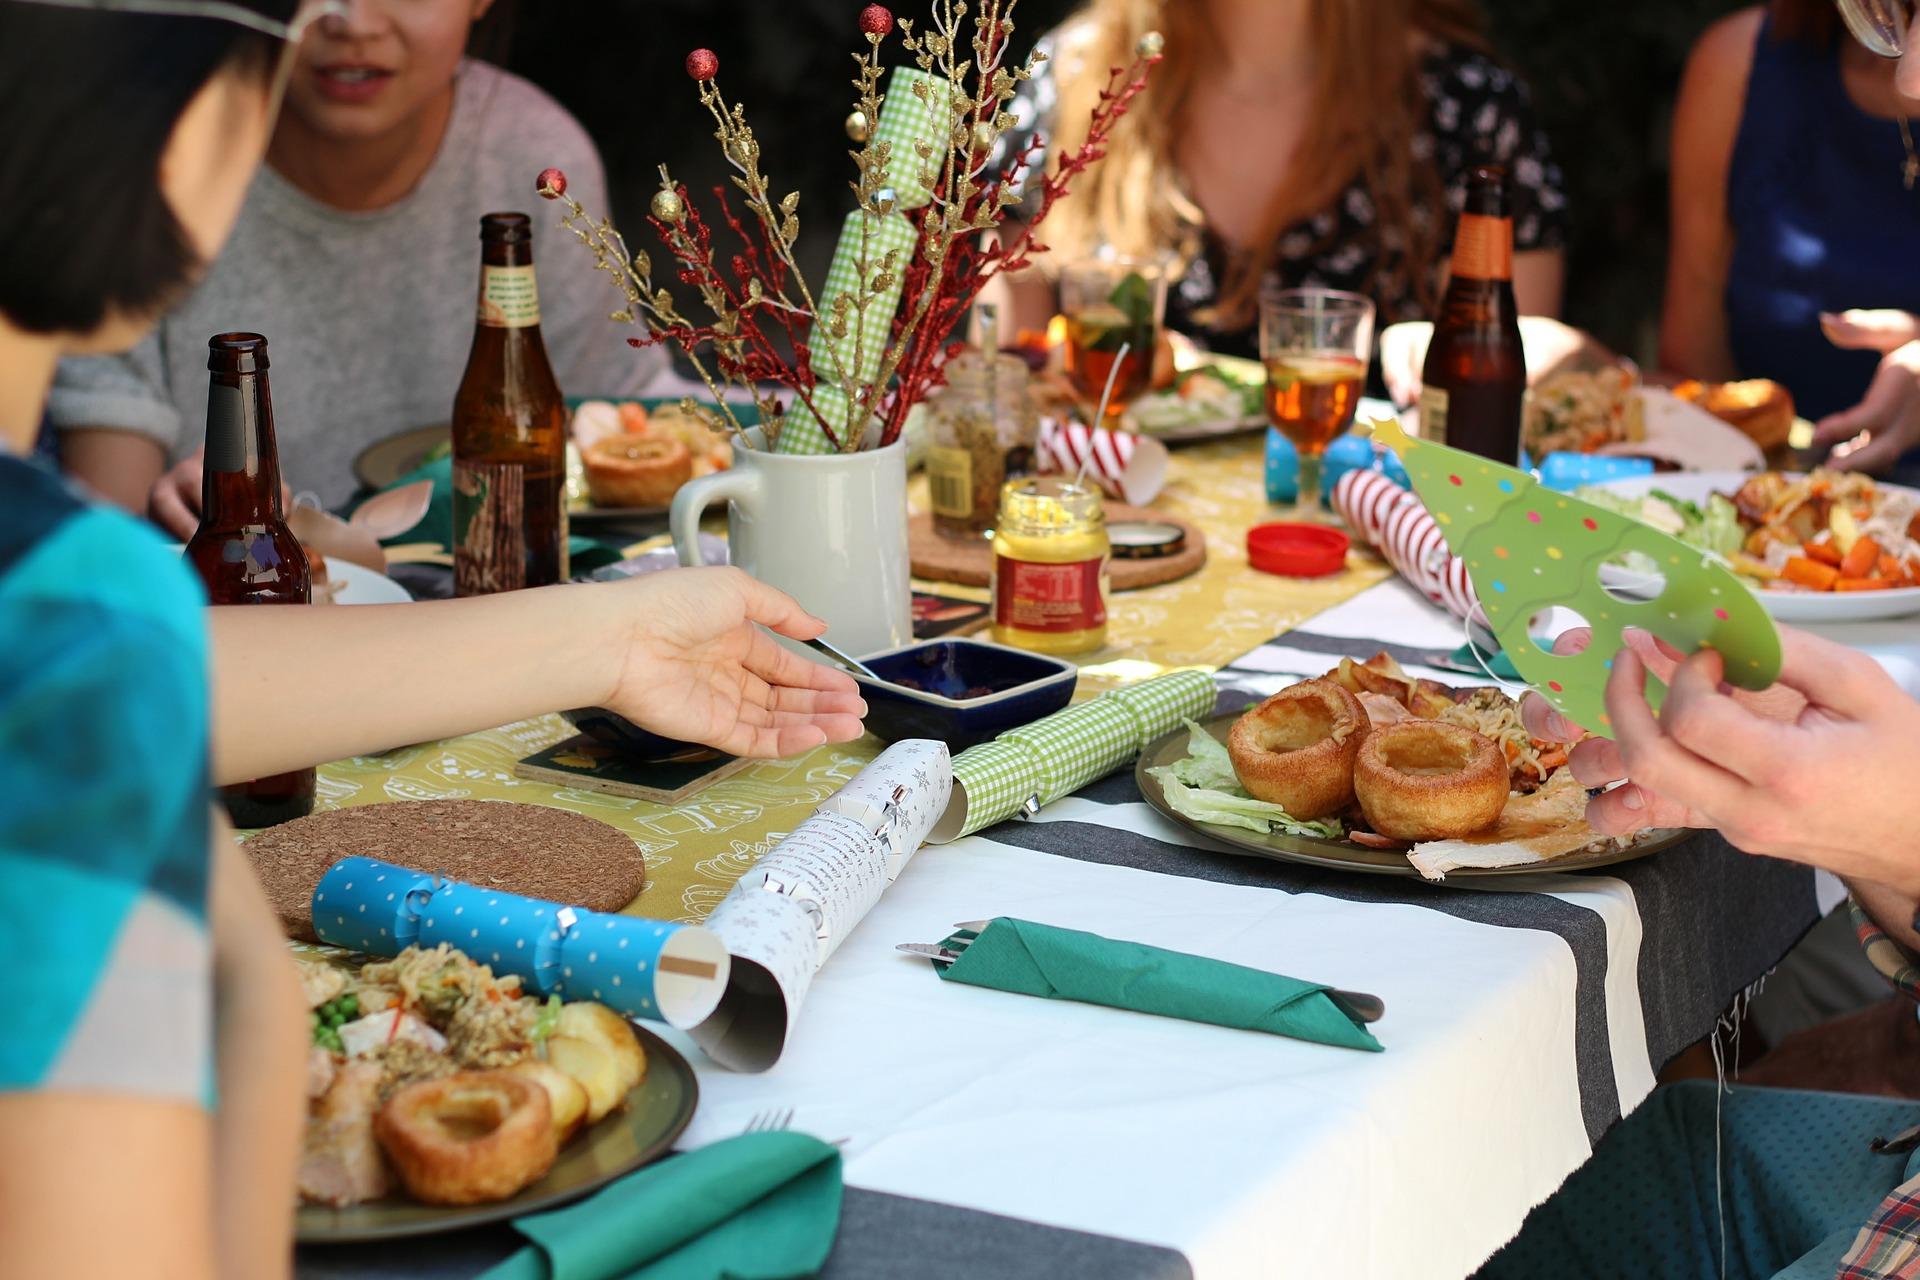 pranzo in famiglia: un rito fondamentale